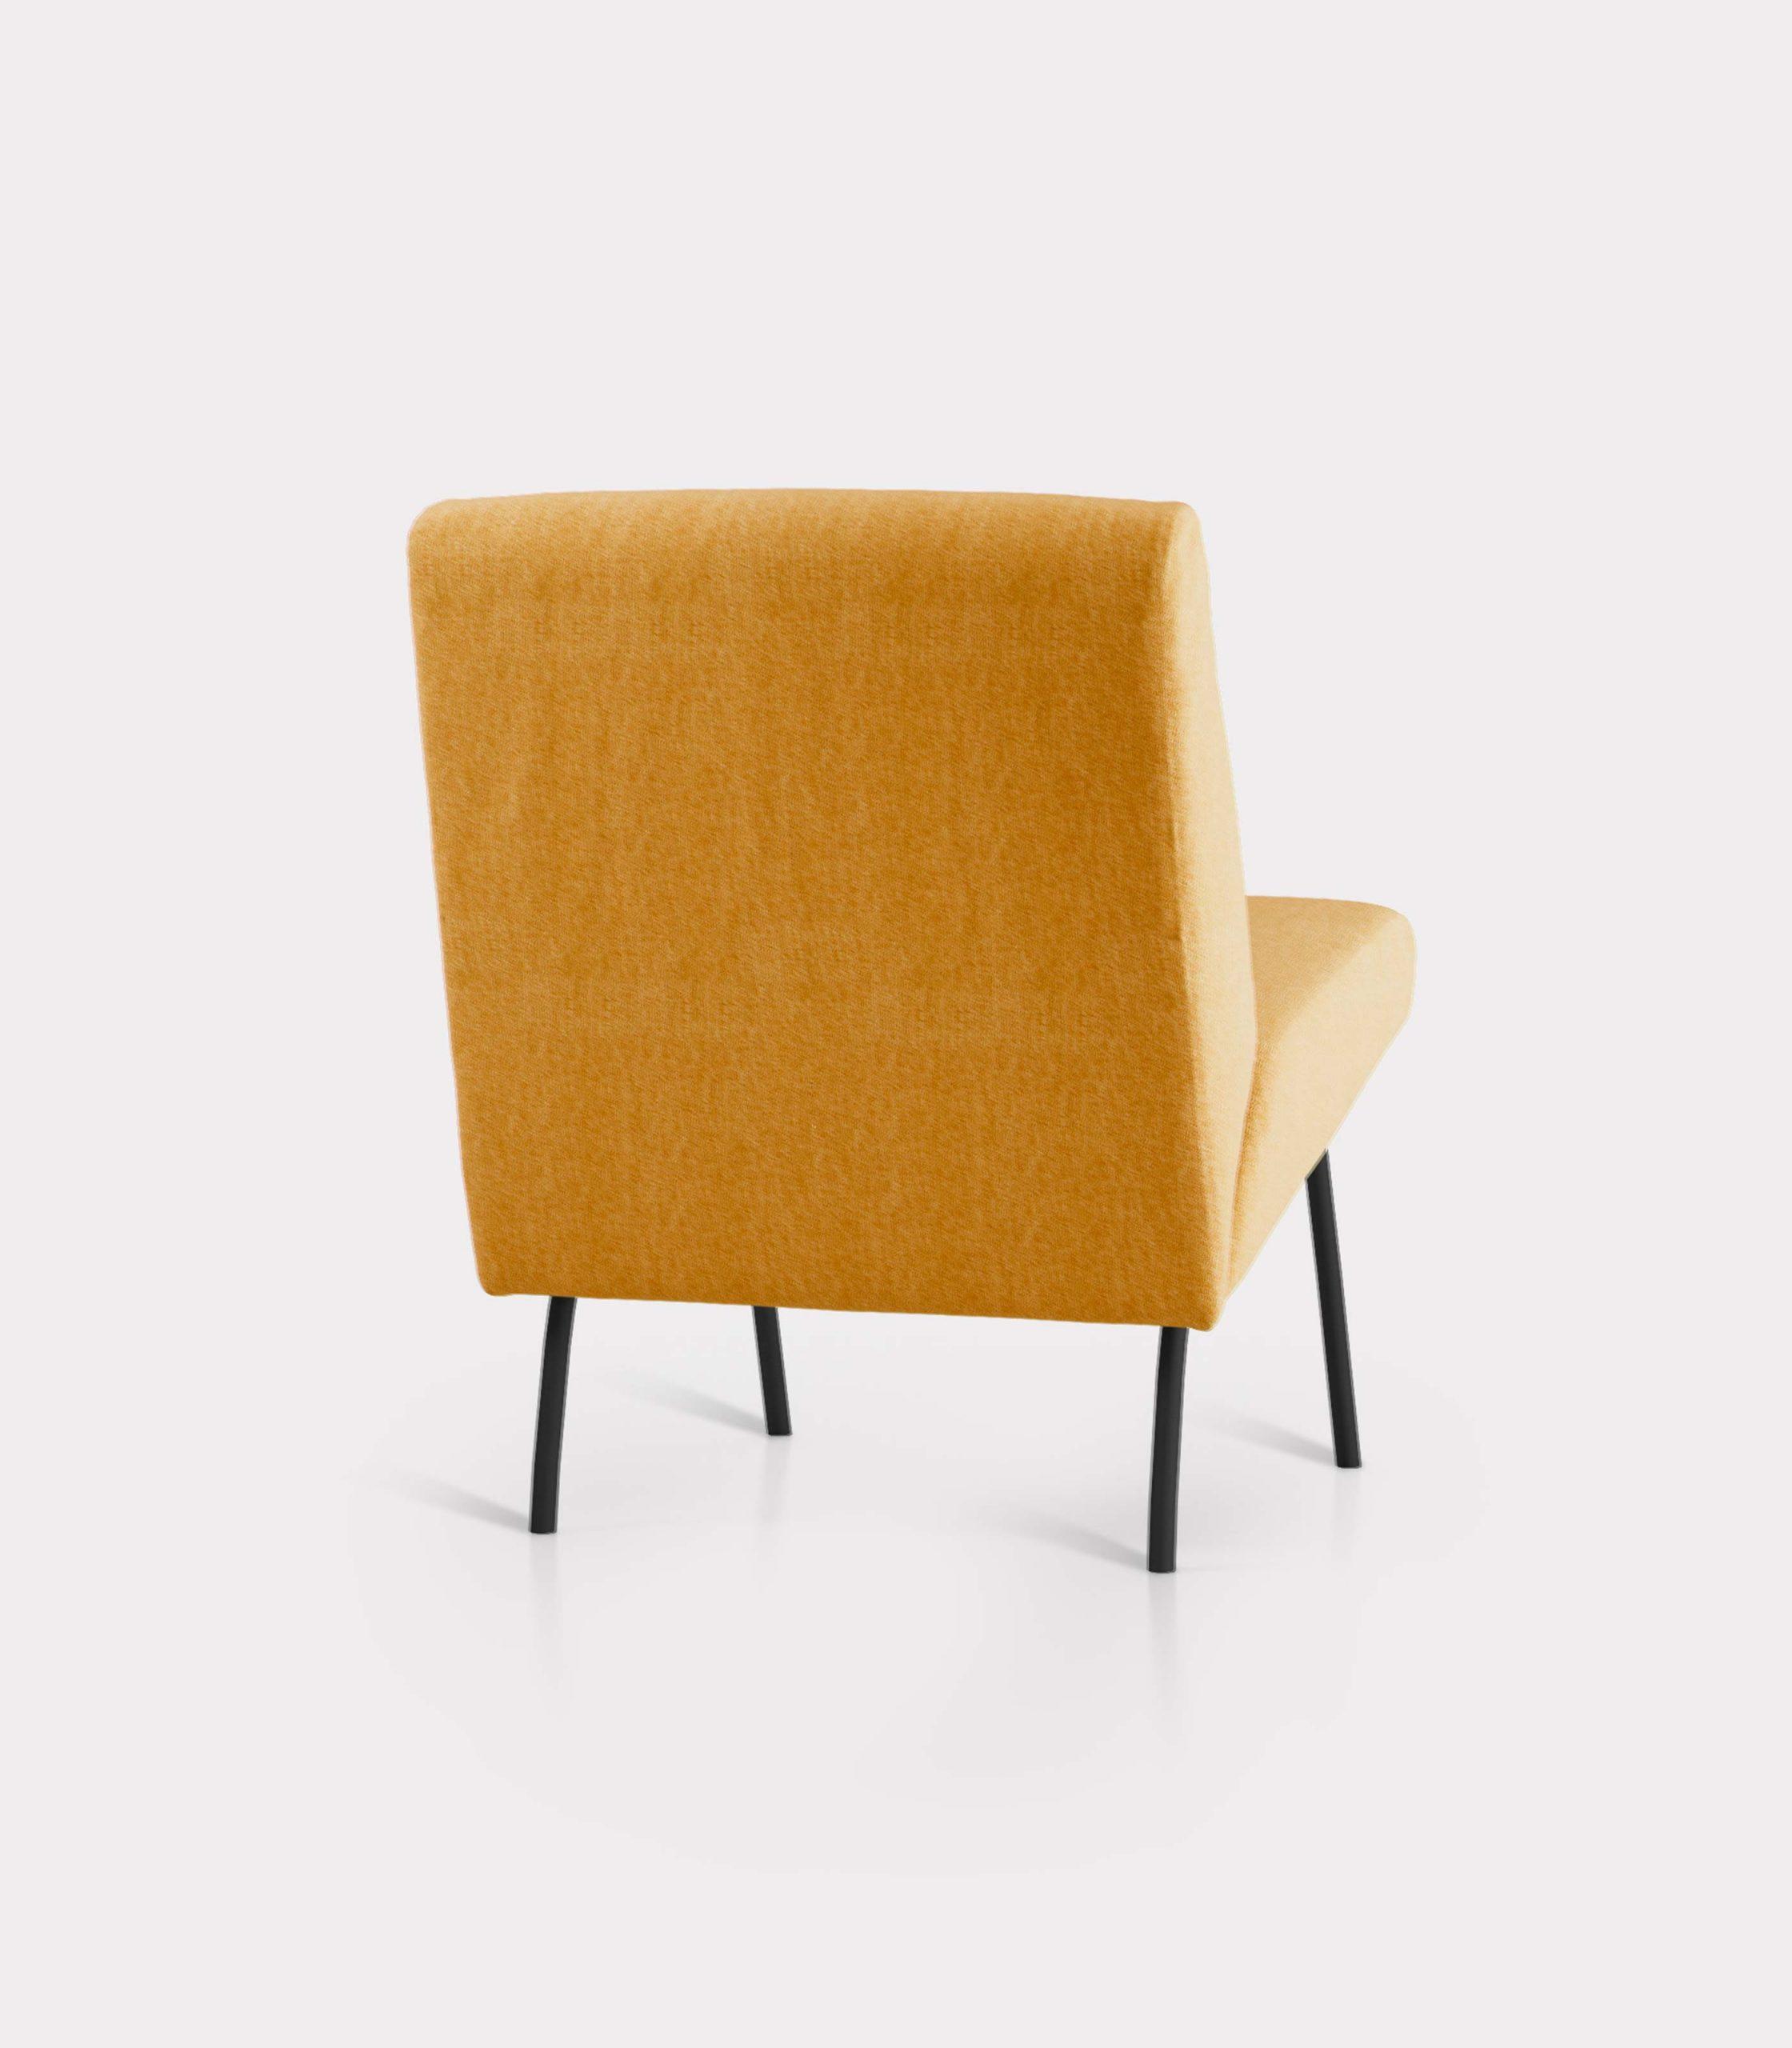 poltrona solid gialla milano design R